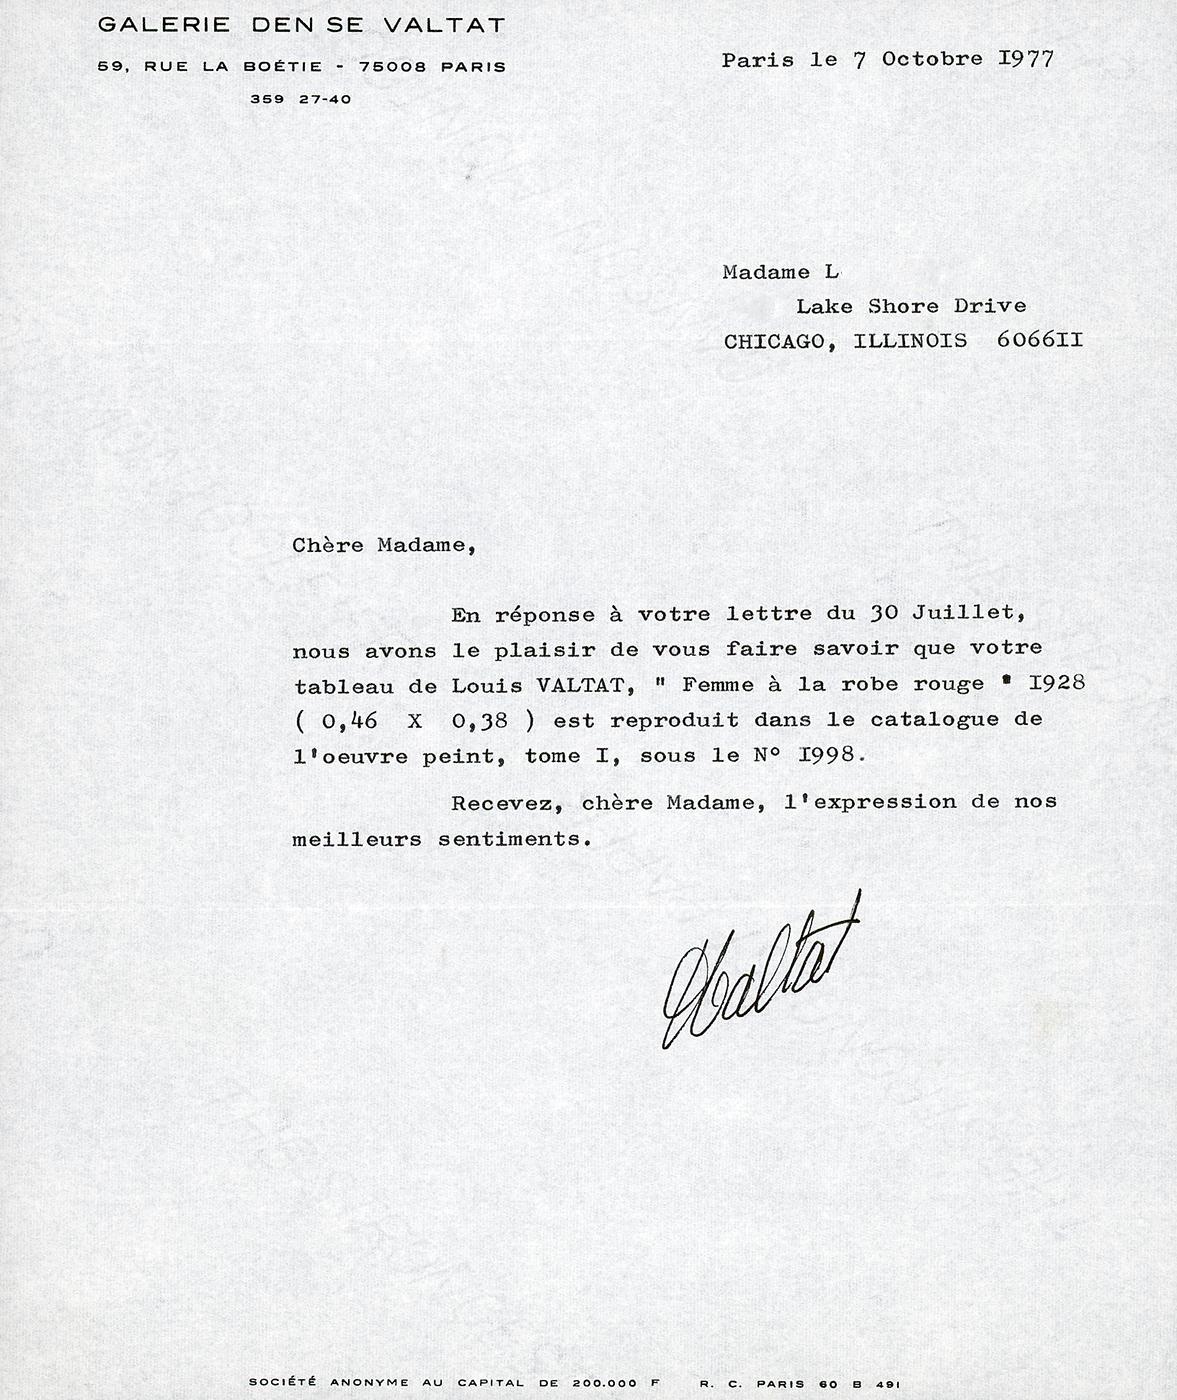 letter_from_valtat_10_7_1977.jpg